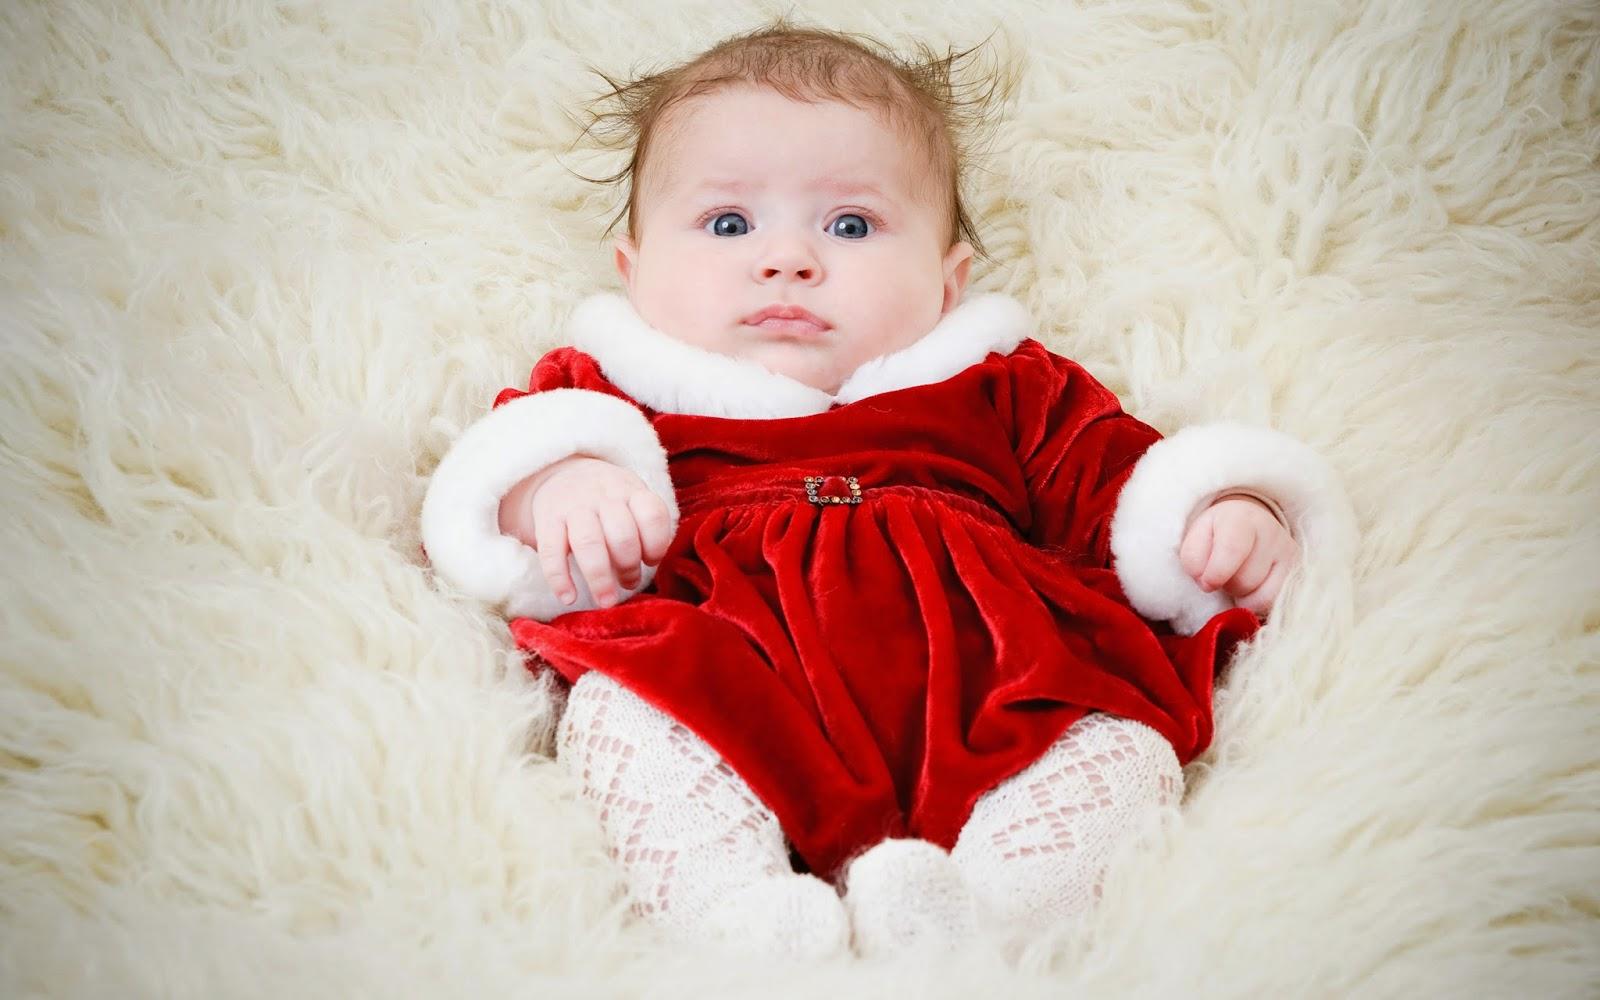 Adorable Cute Baby Girl